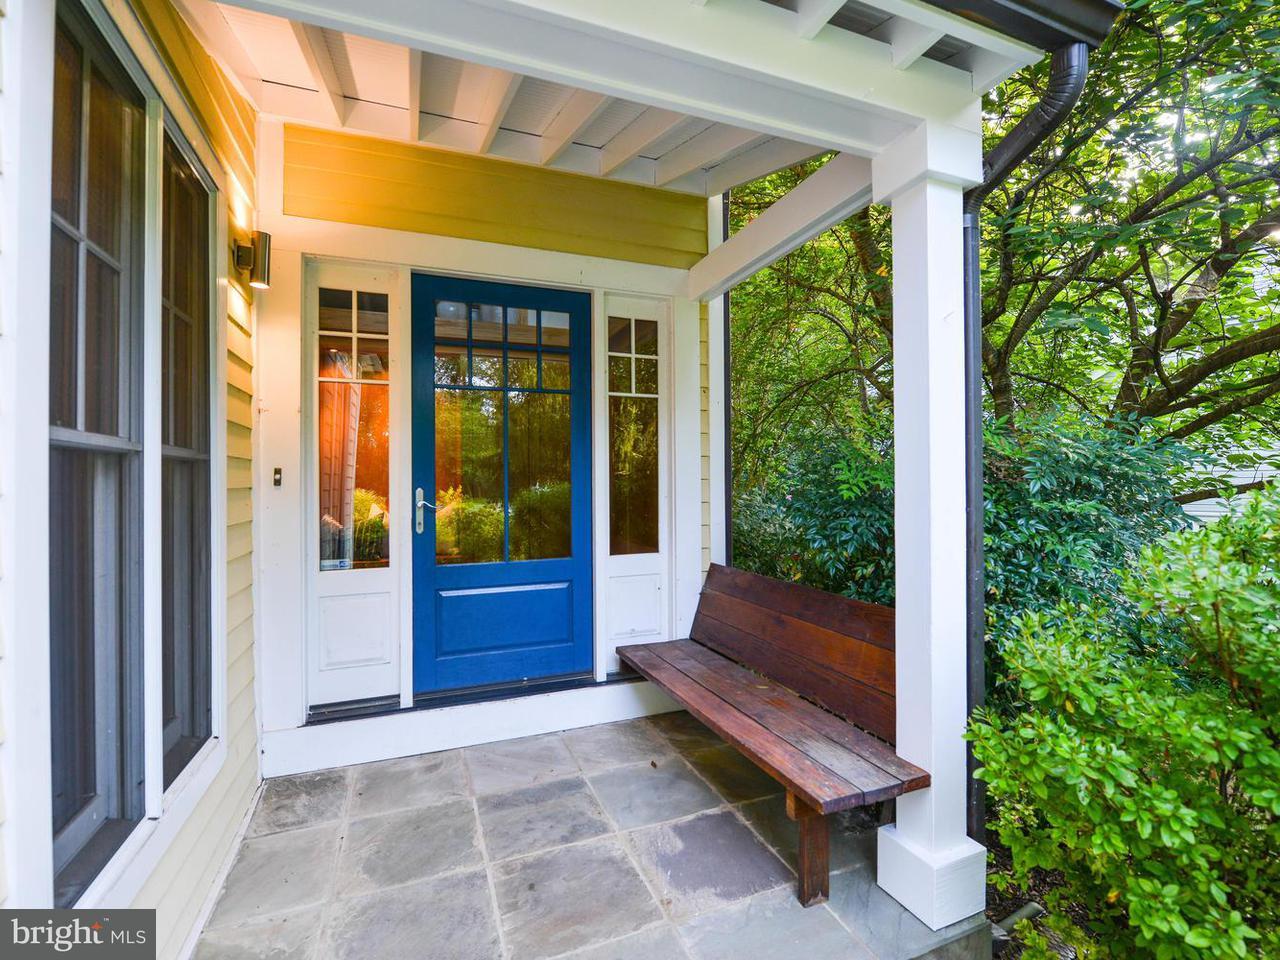 独户住宅 为 销售 在 2 TOMLINSON Court 2 TOMLINSON Court Cabin John, 马里兰州 20818 美国